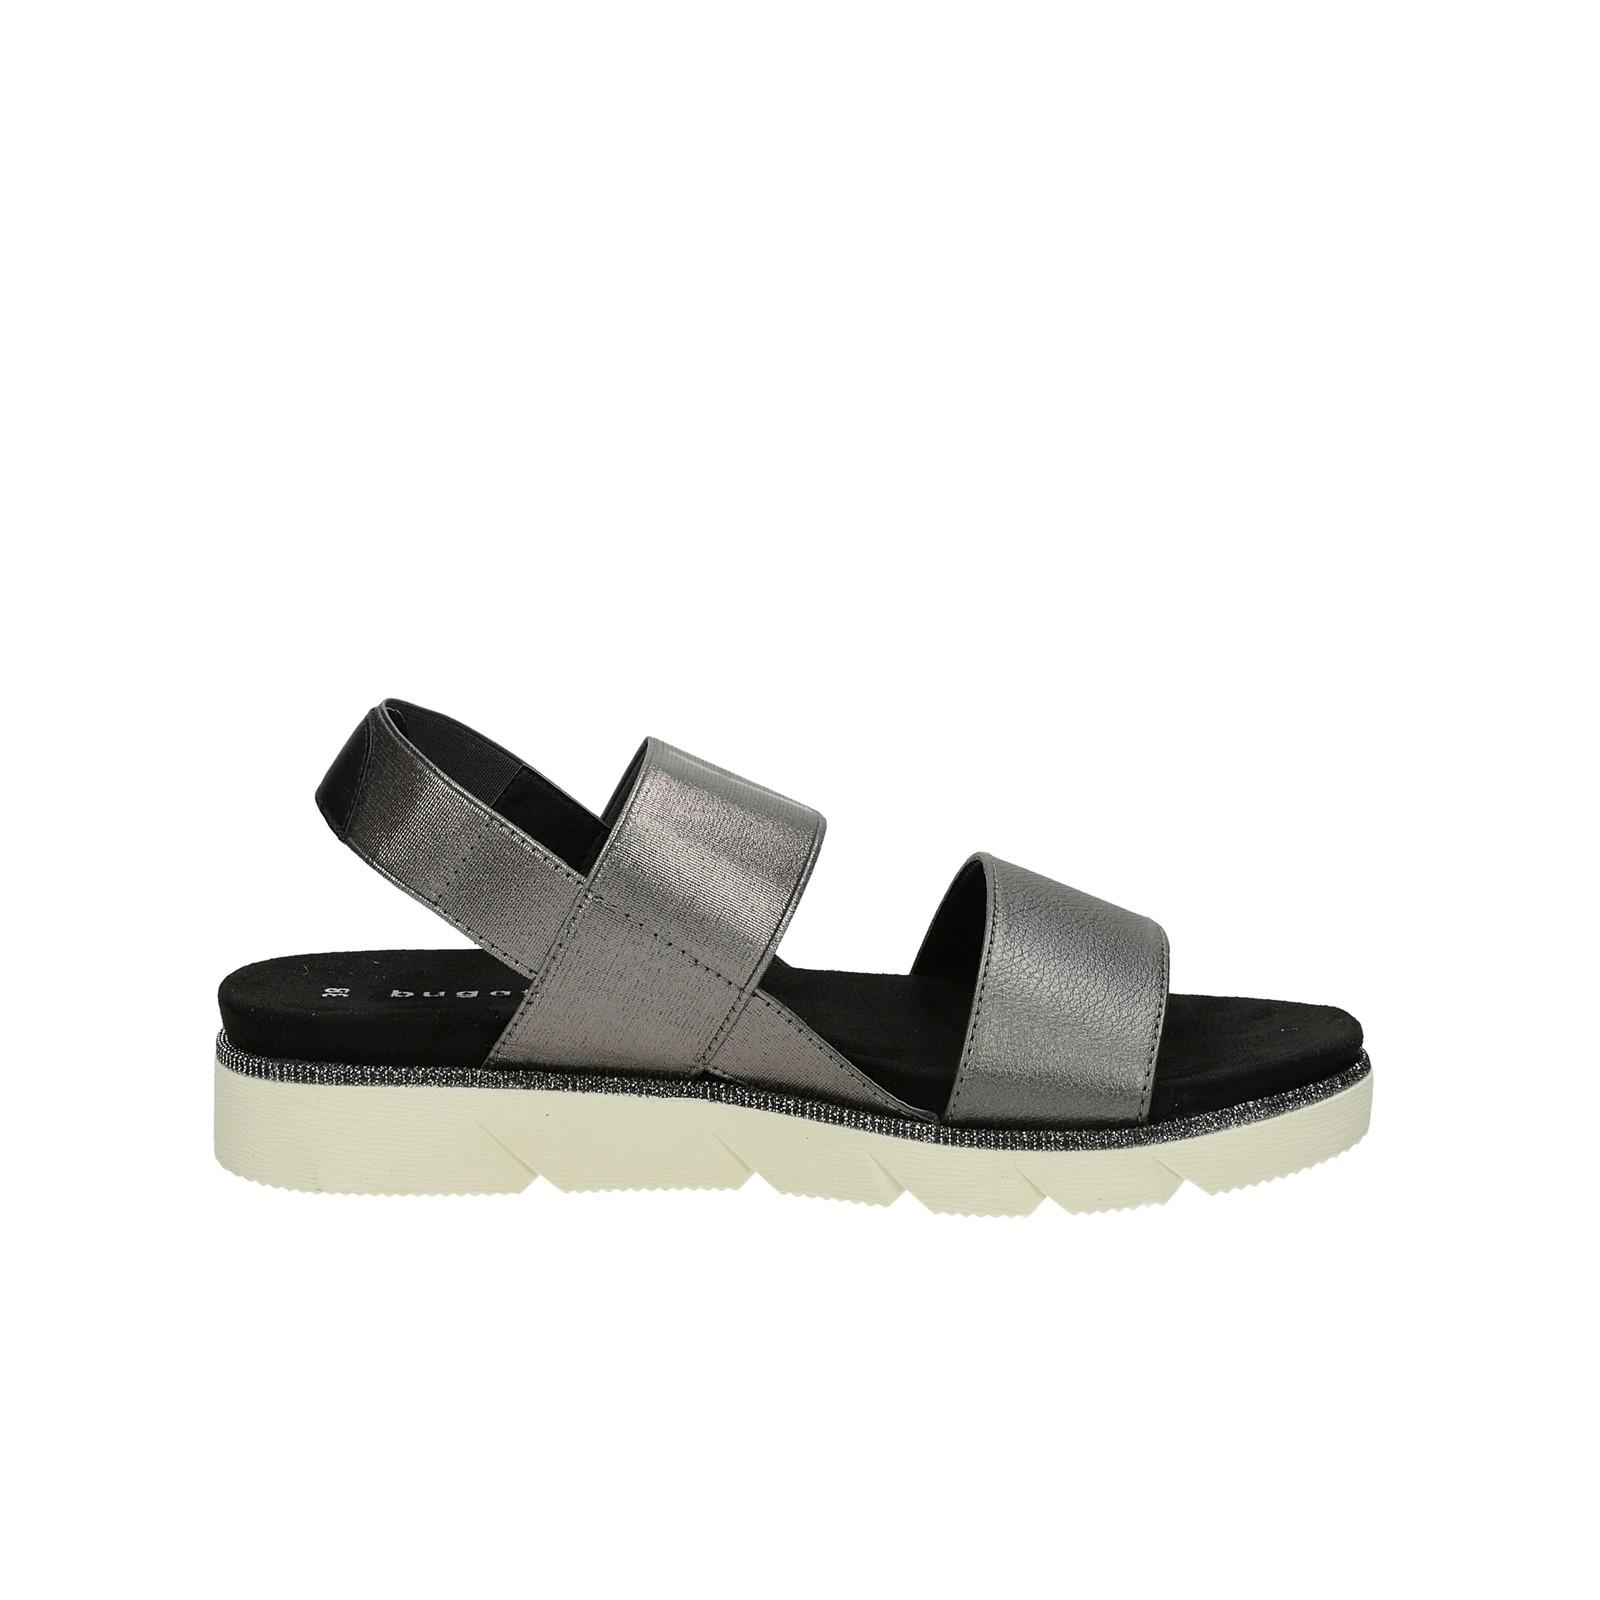 5a328d695f87e Bugatti dámske pohodlné sandále - šedé | 431-67380-5900-1100 www ...